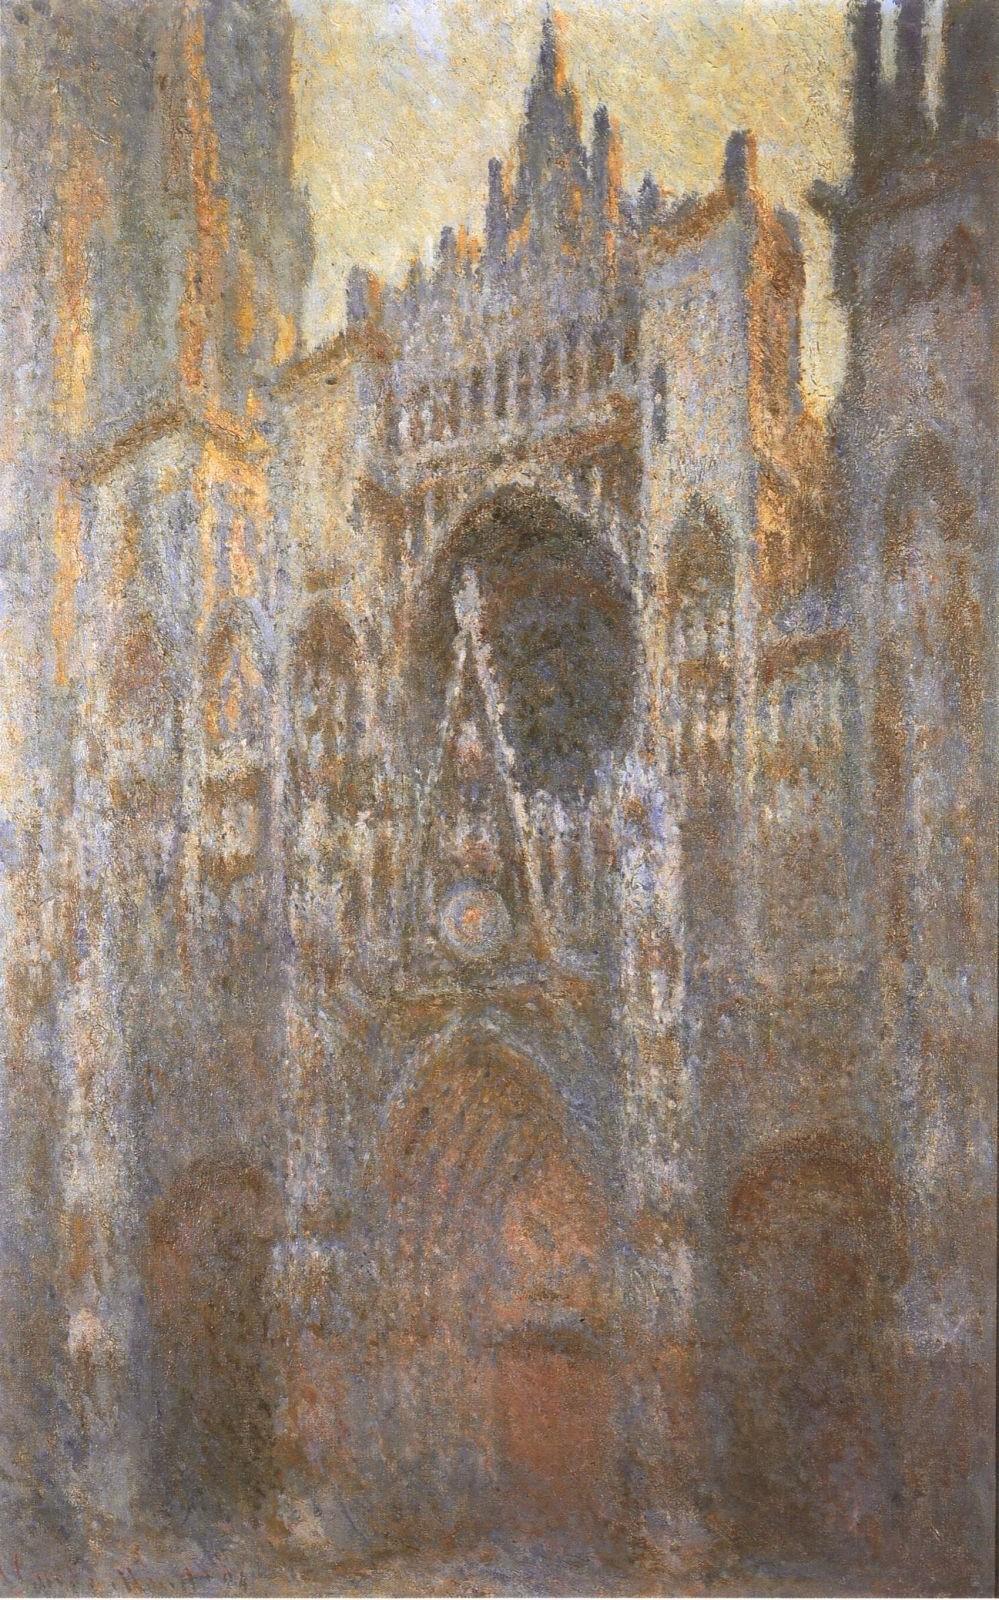 就去鲁图片网_莫奈的28幅《鲁昂大教堂》|鲁昂大教堂|莫奈|画家_新浪新闻